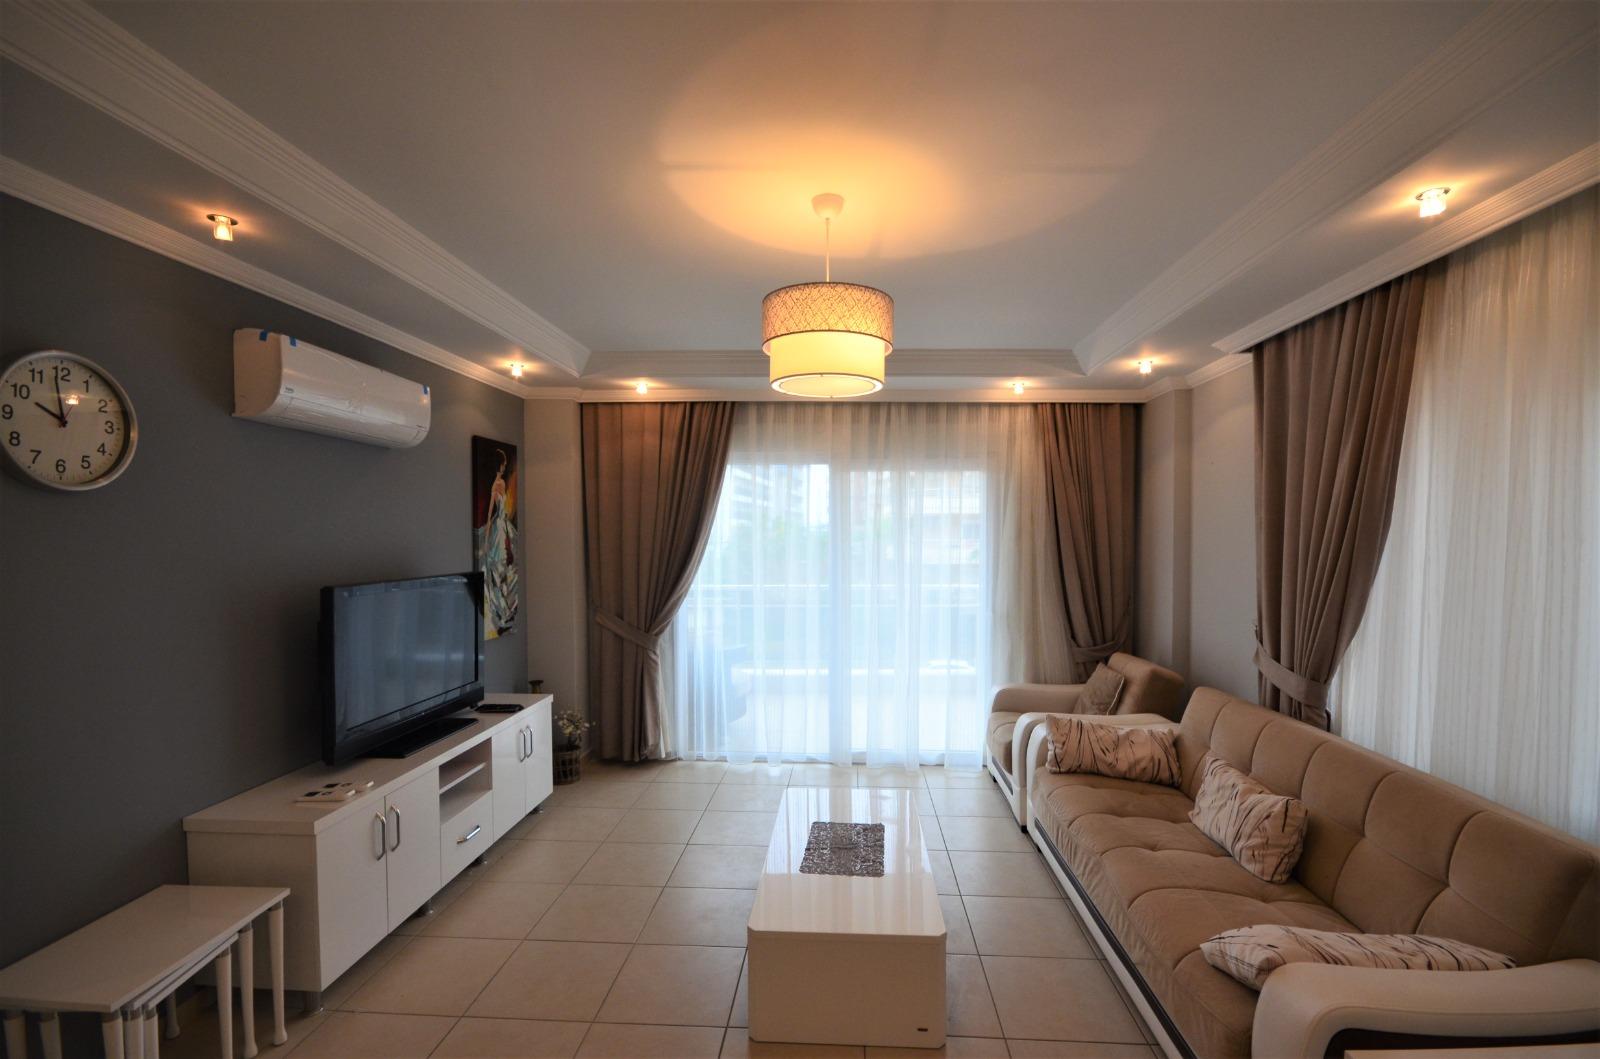 Двухкомнатная квартира с мебелью и бытовой техникой в районе Тосмур - Фото 6